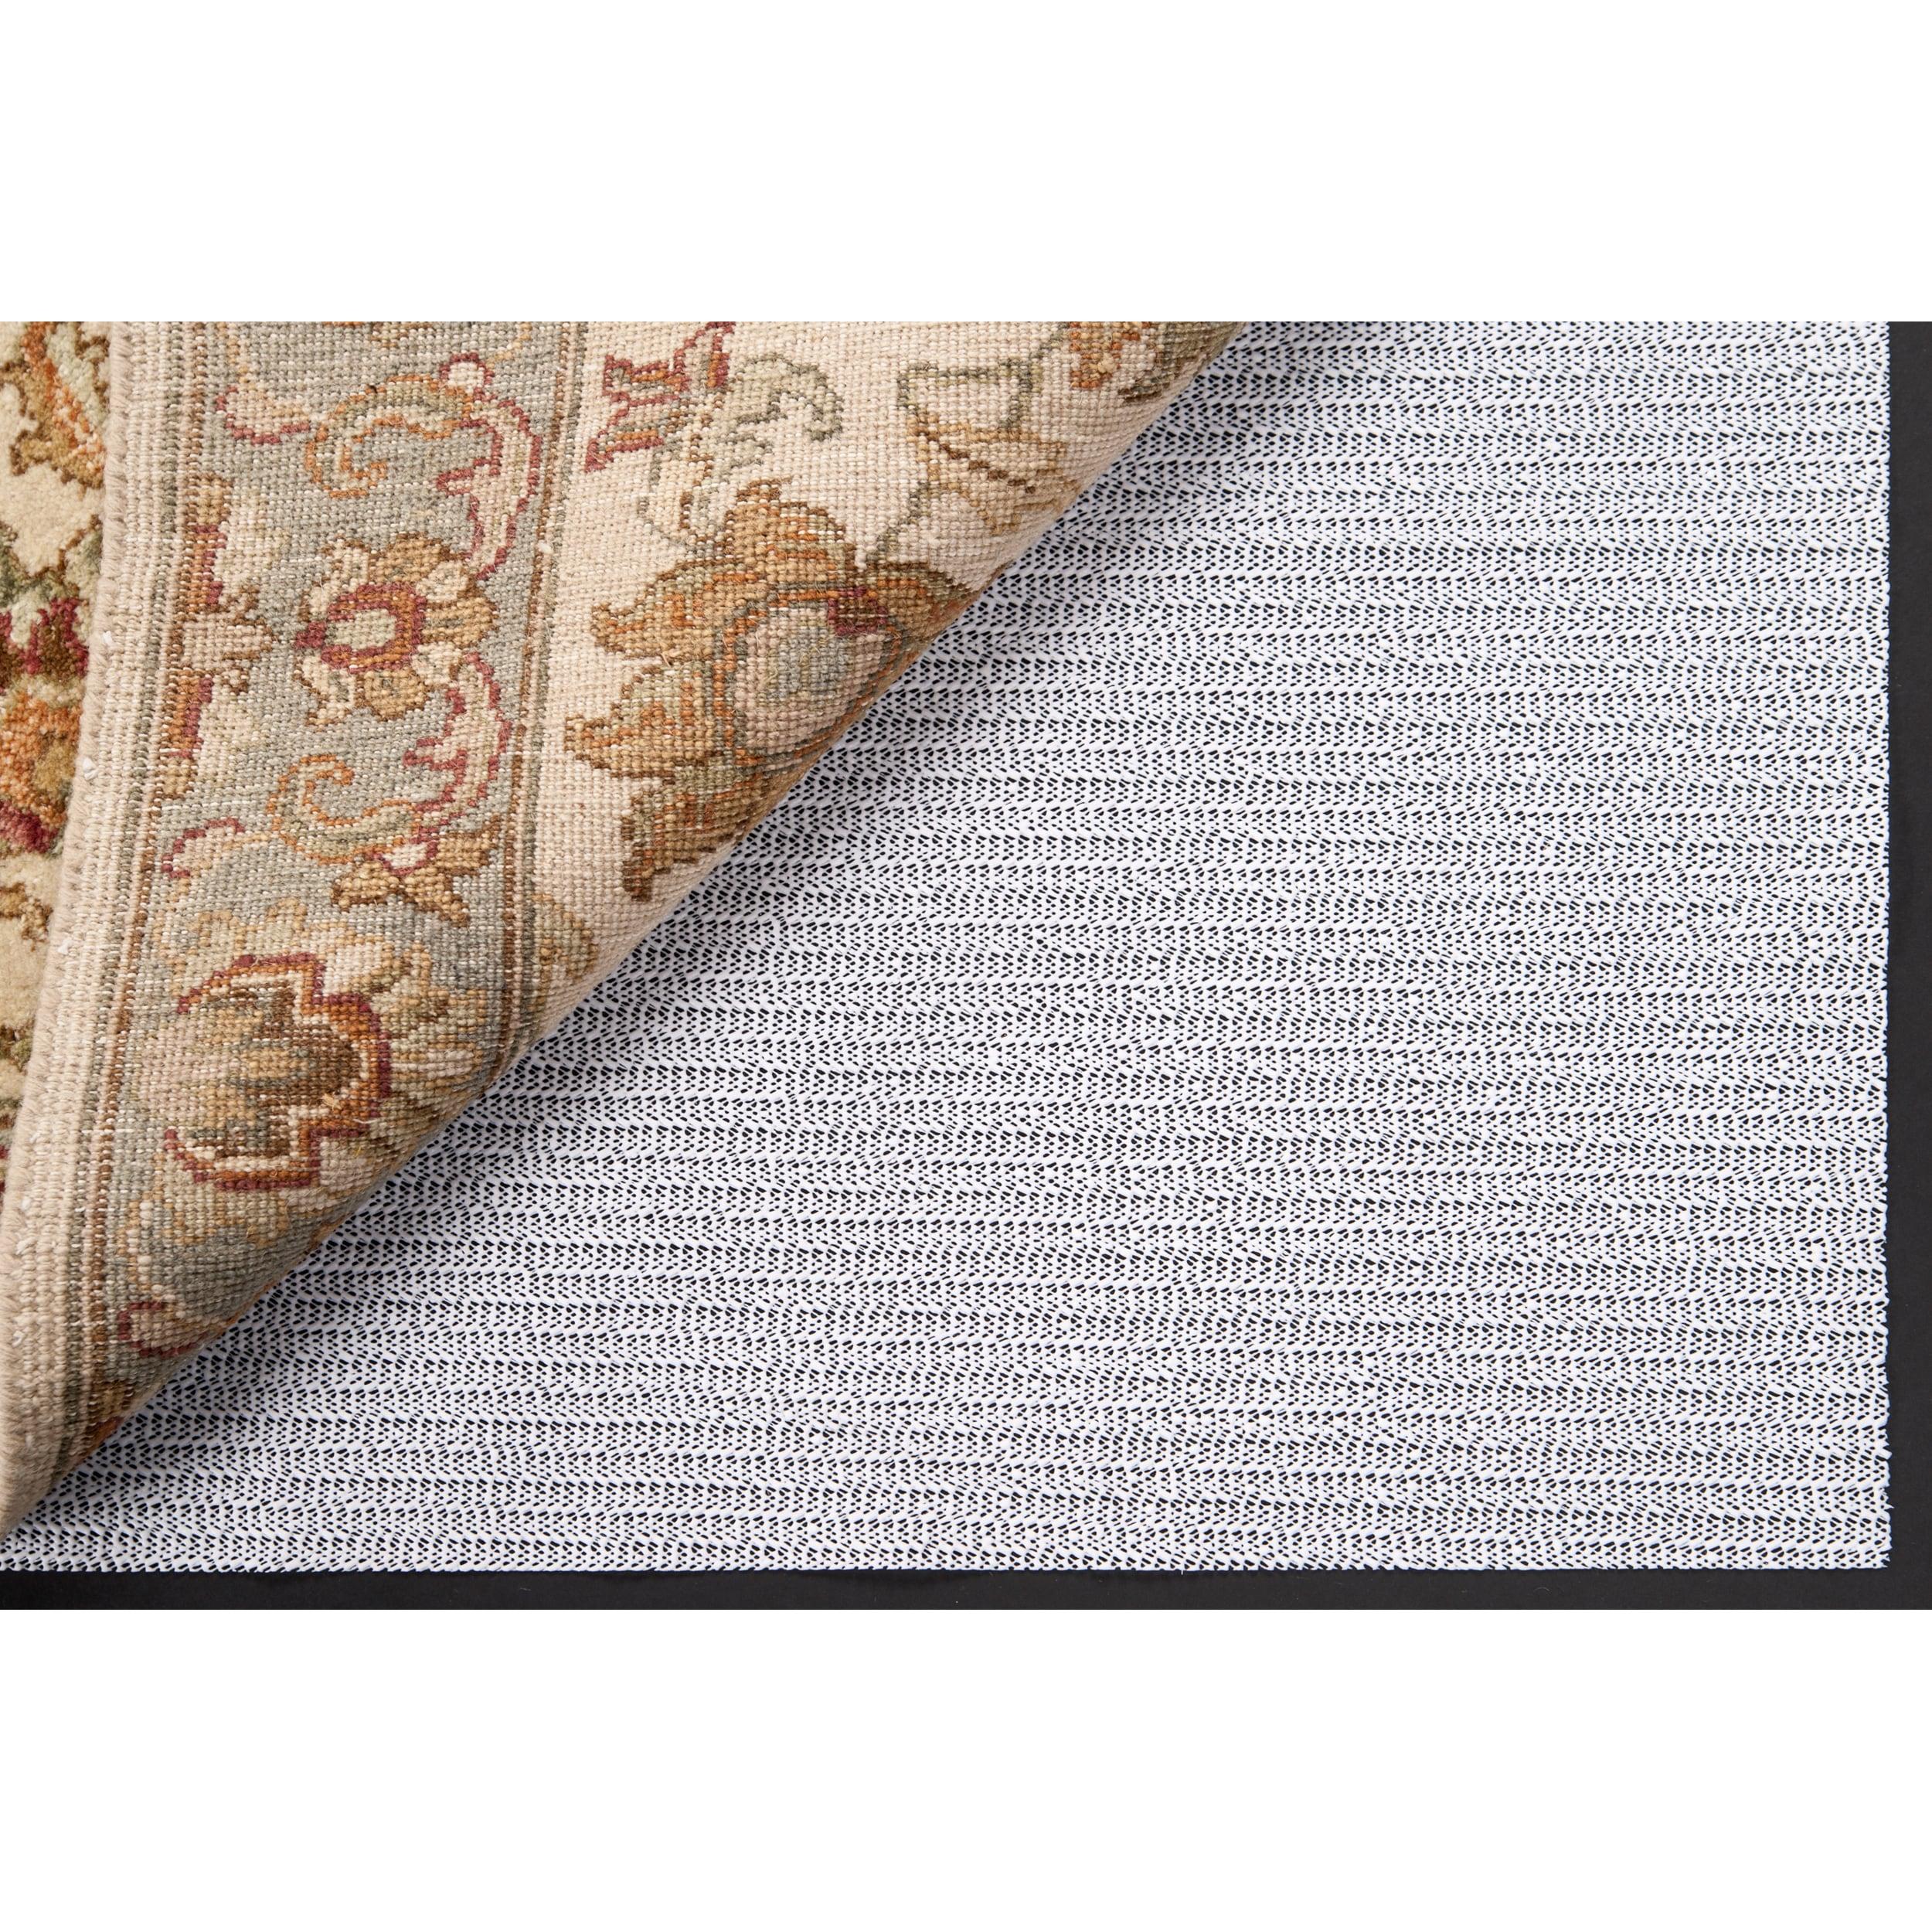 Grandiose Rug Pad (5' x 8')